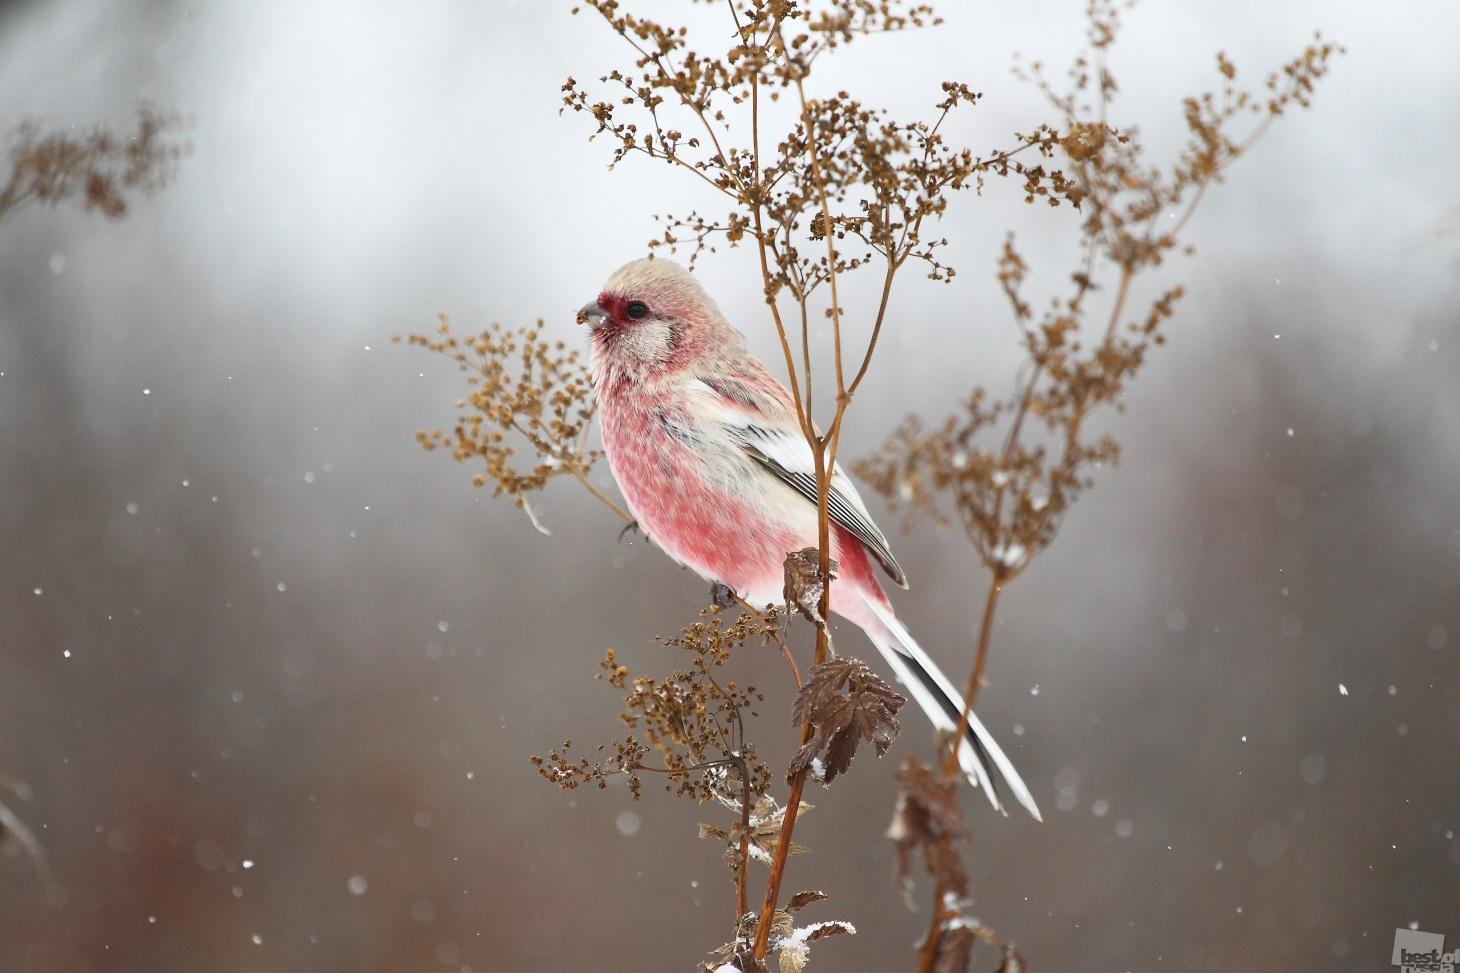 8/15. Dugorepa zimovka, ptica koju često možete vidjeti na Uralu i u Sibiru.